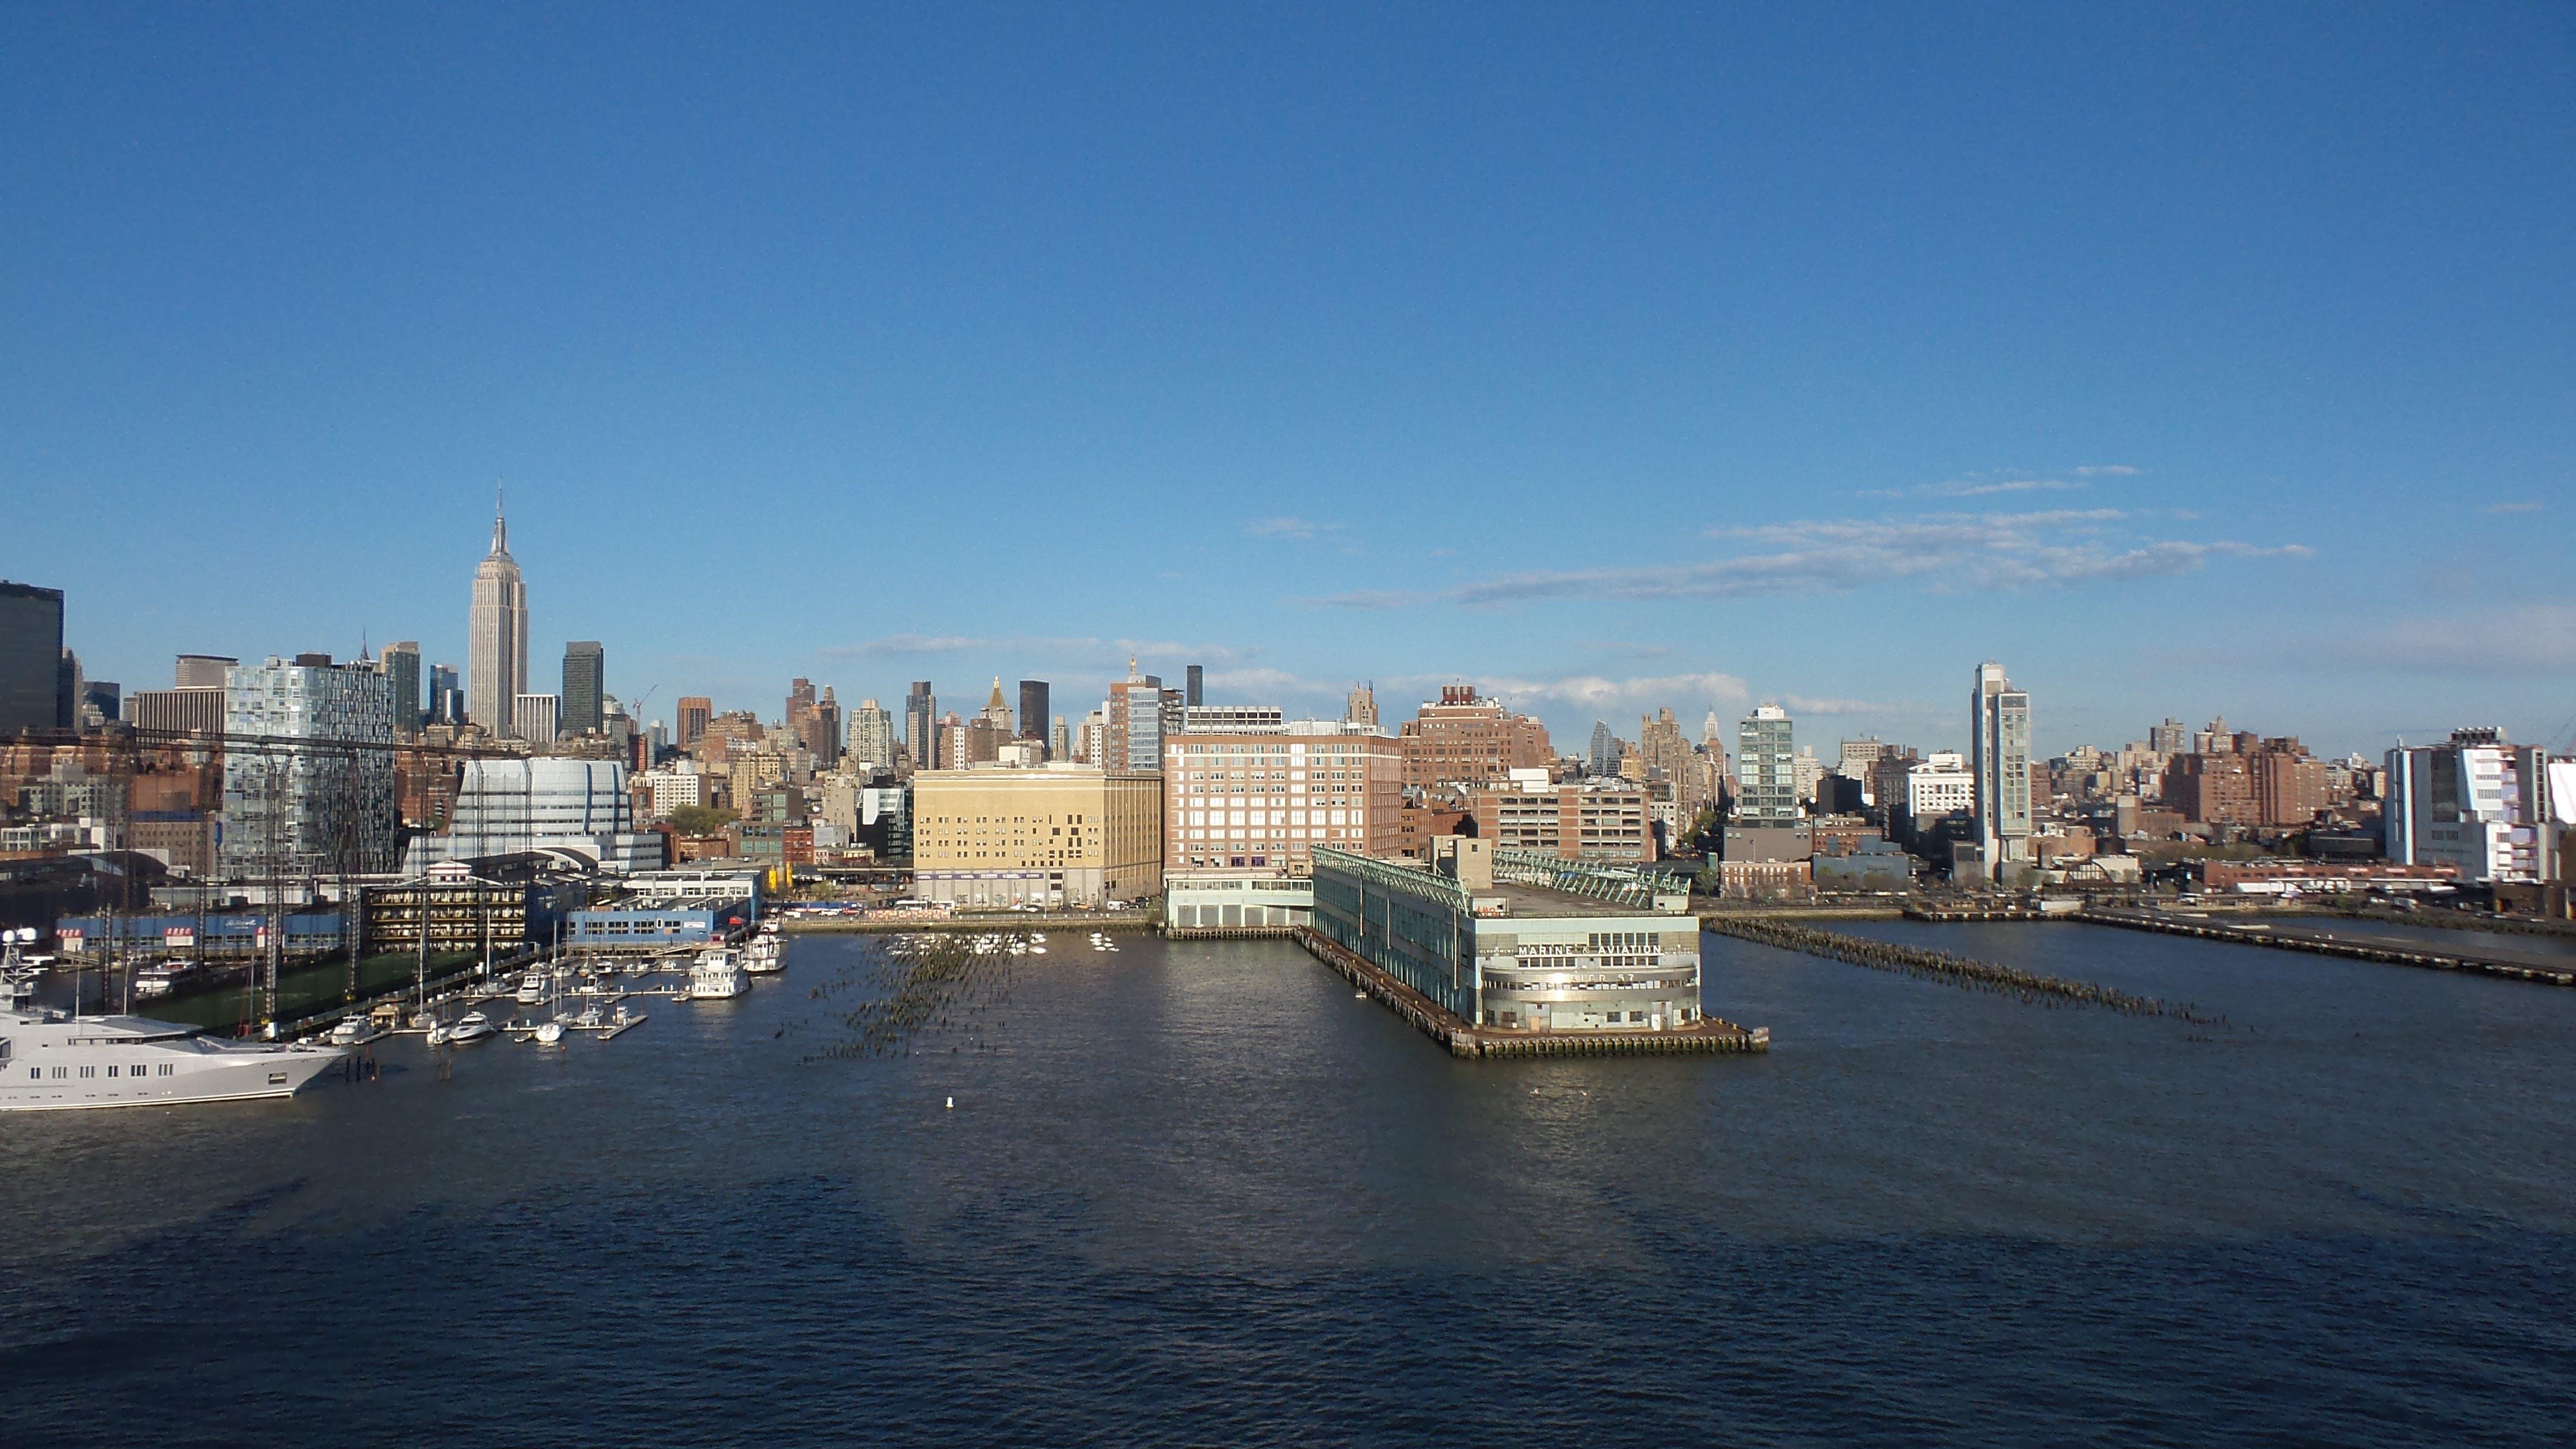 Free stock photo of nyc, NY Harbor, NY Cruise ship port, cruise ship port